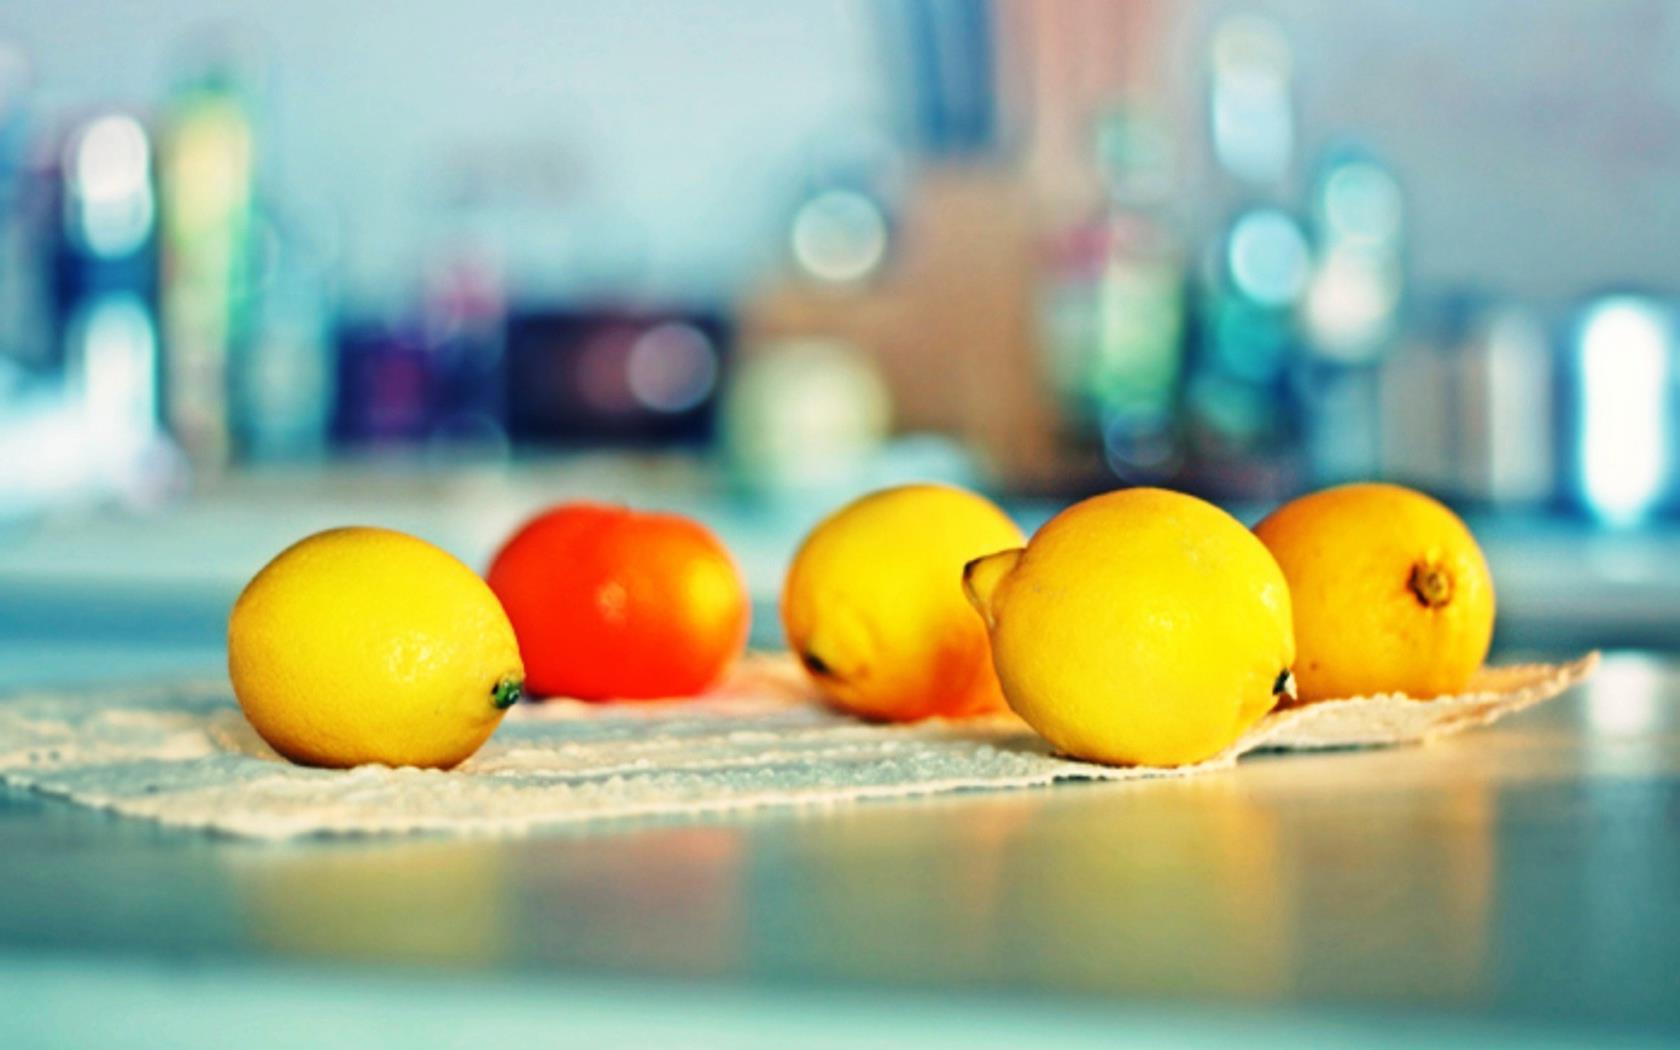 manger-frais_manger-colore_des-photos-Hd-a-telecharger_10